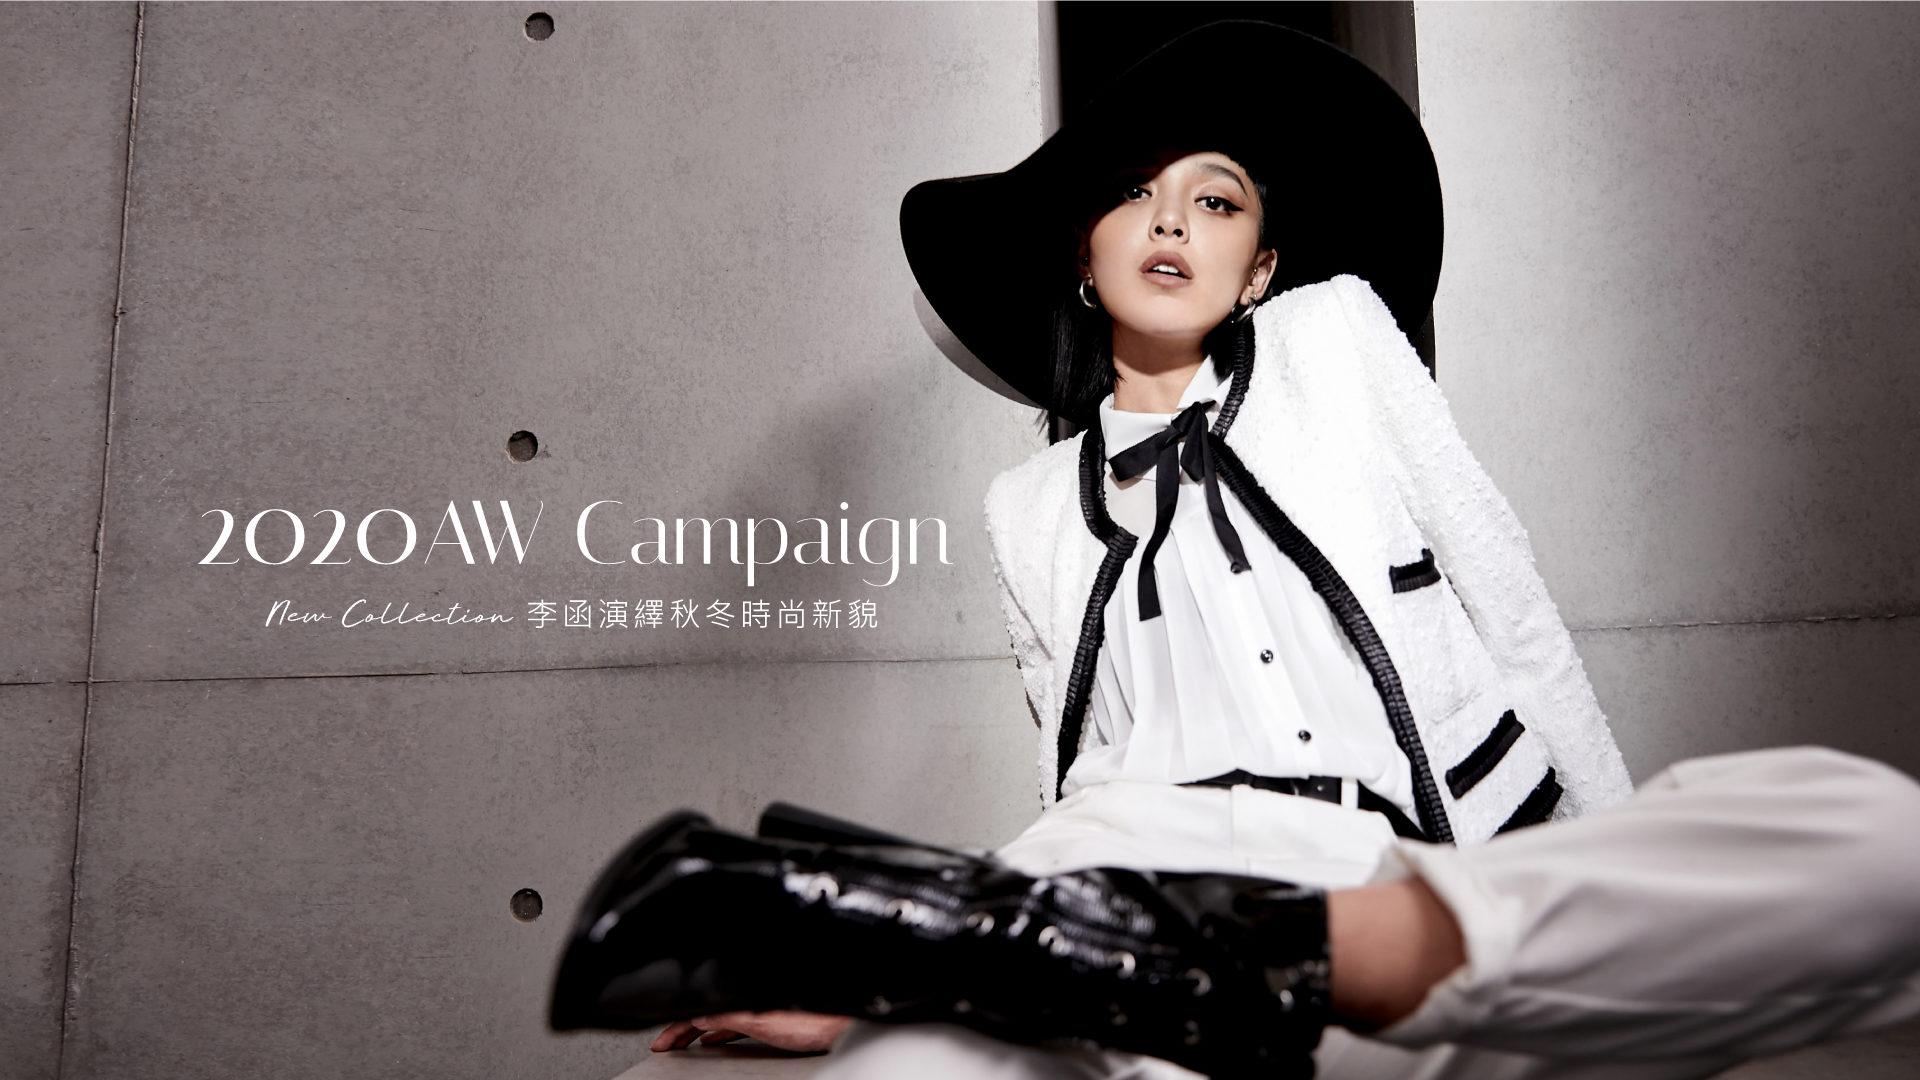 2020秋冬時尚趨勢,KOL李函演繹藝術時尚的復古新貌